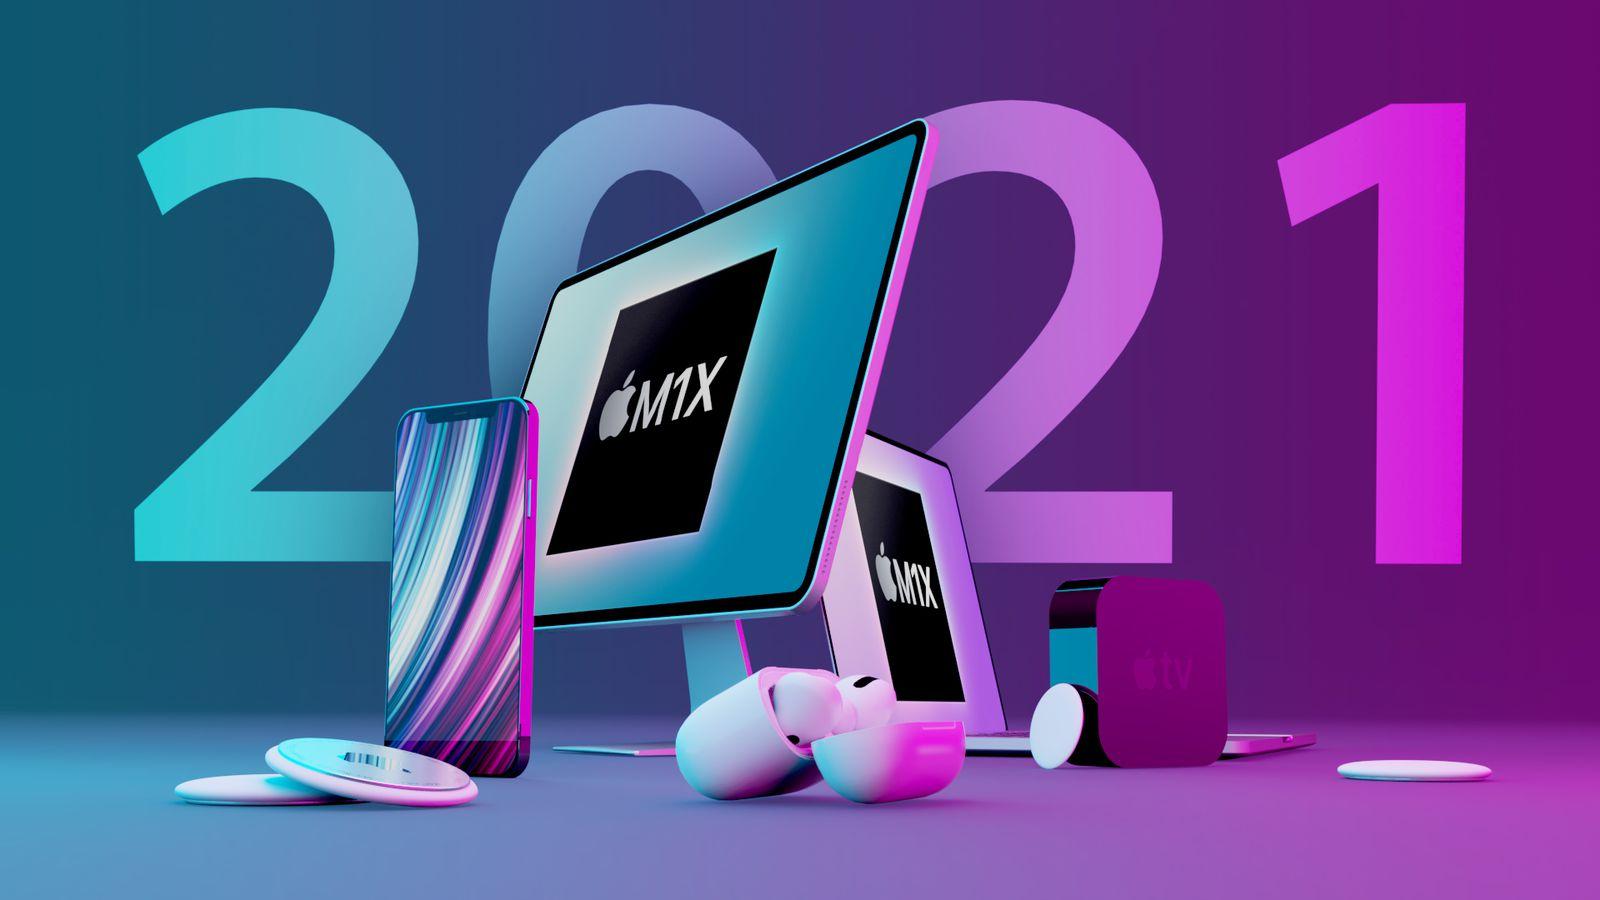 اپل در سال ۲۰۲۱ از چه محصولاتی رونمایی میکند؟